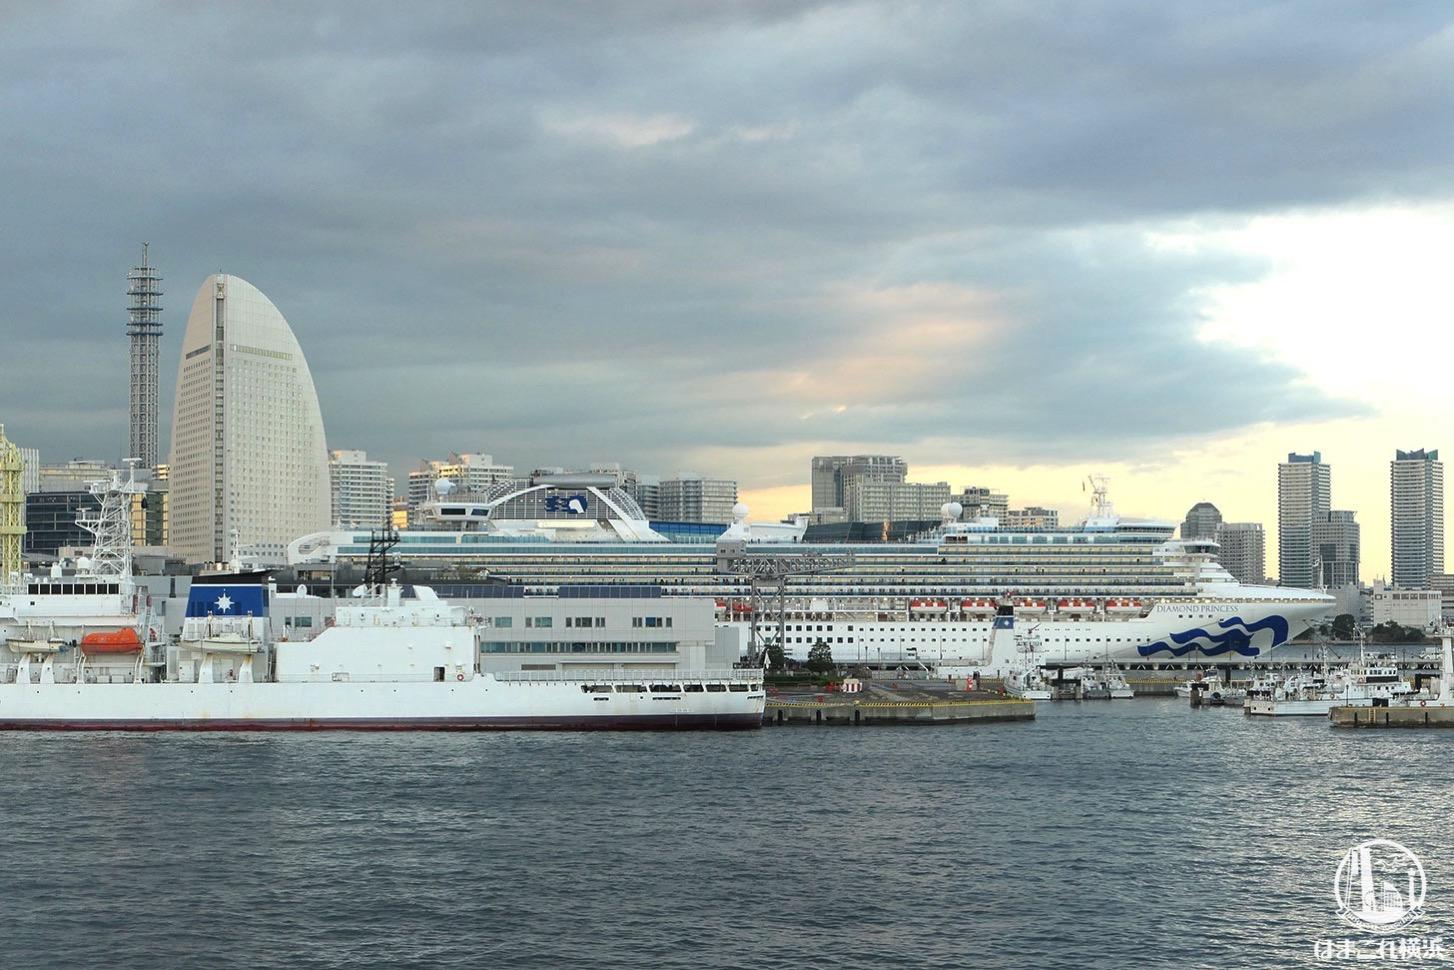 新港ふ頭客船ターミナルに着岸しているダイヤモンド・プリンセス